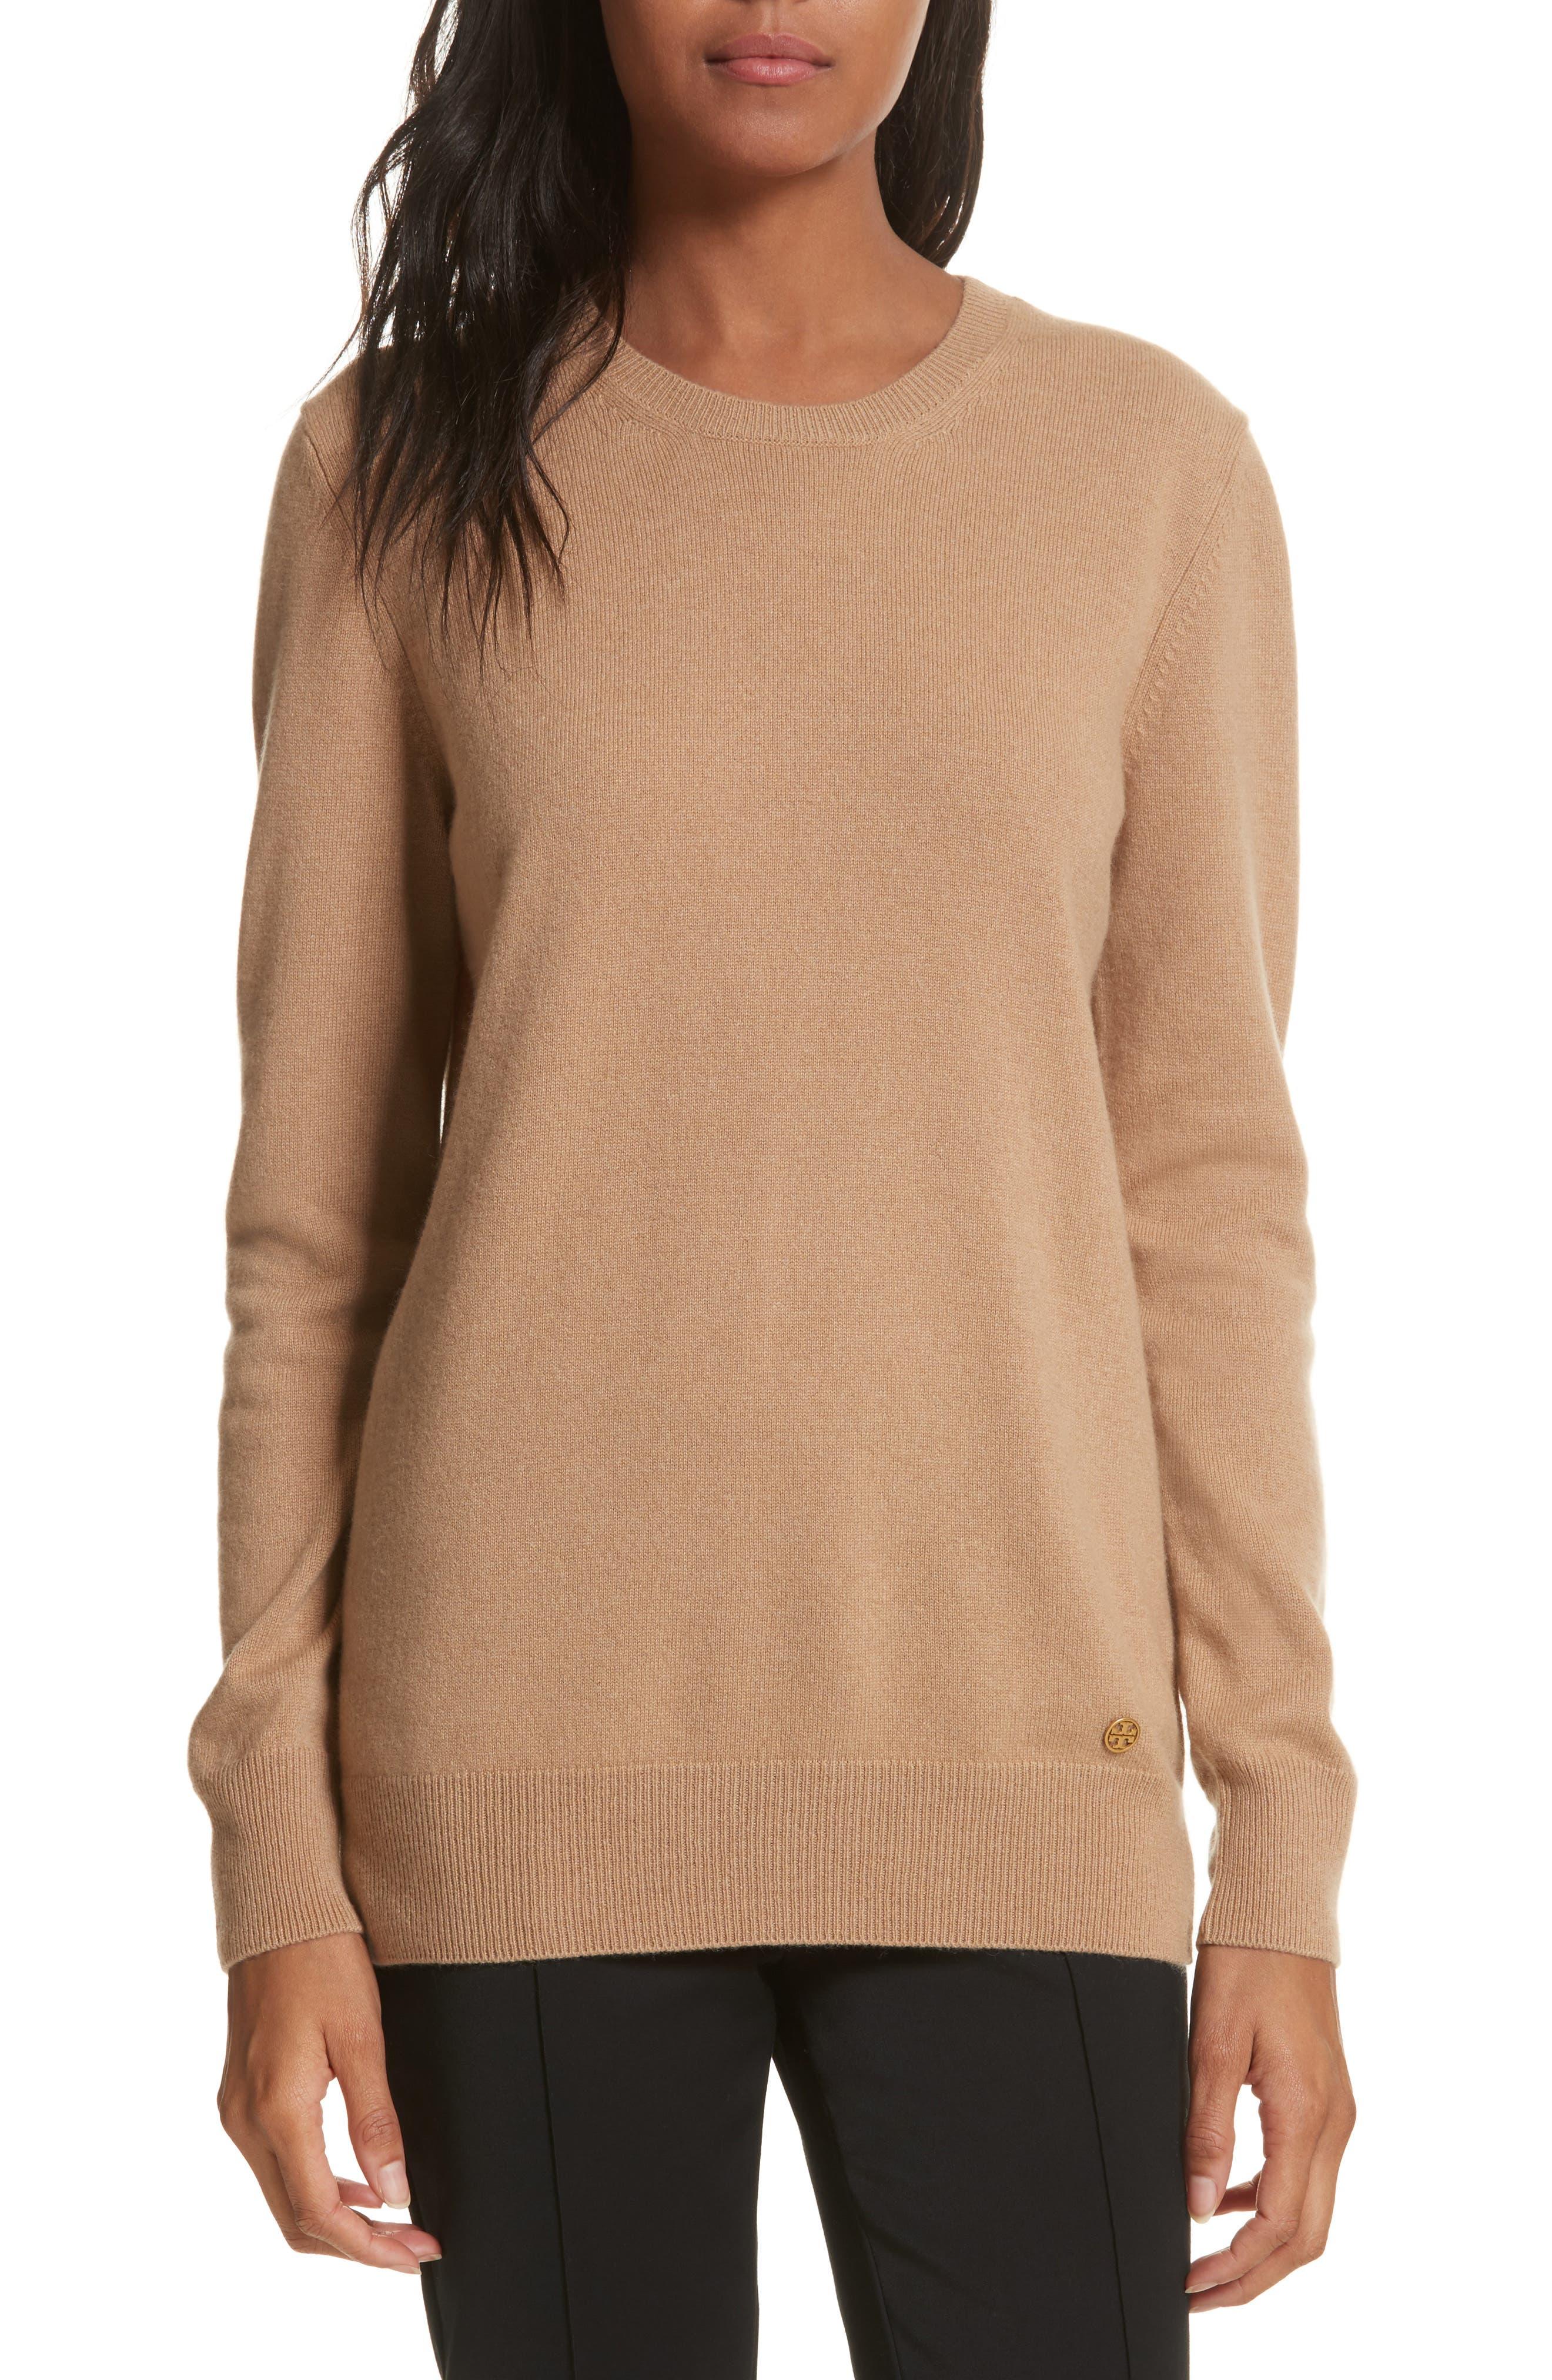 Tory Burch Bella Cashmere Sweater